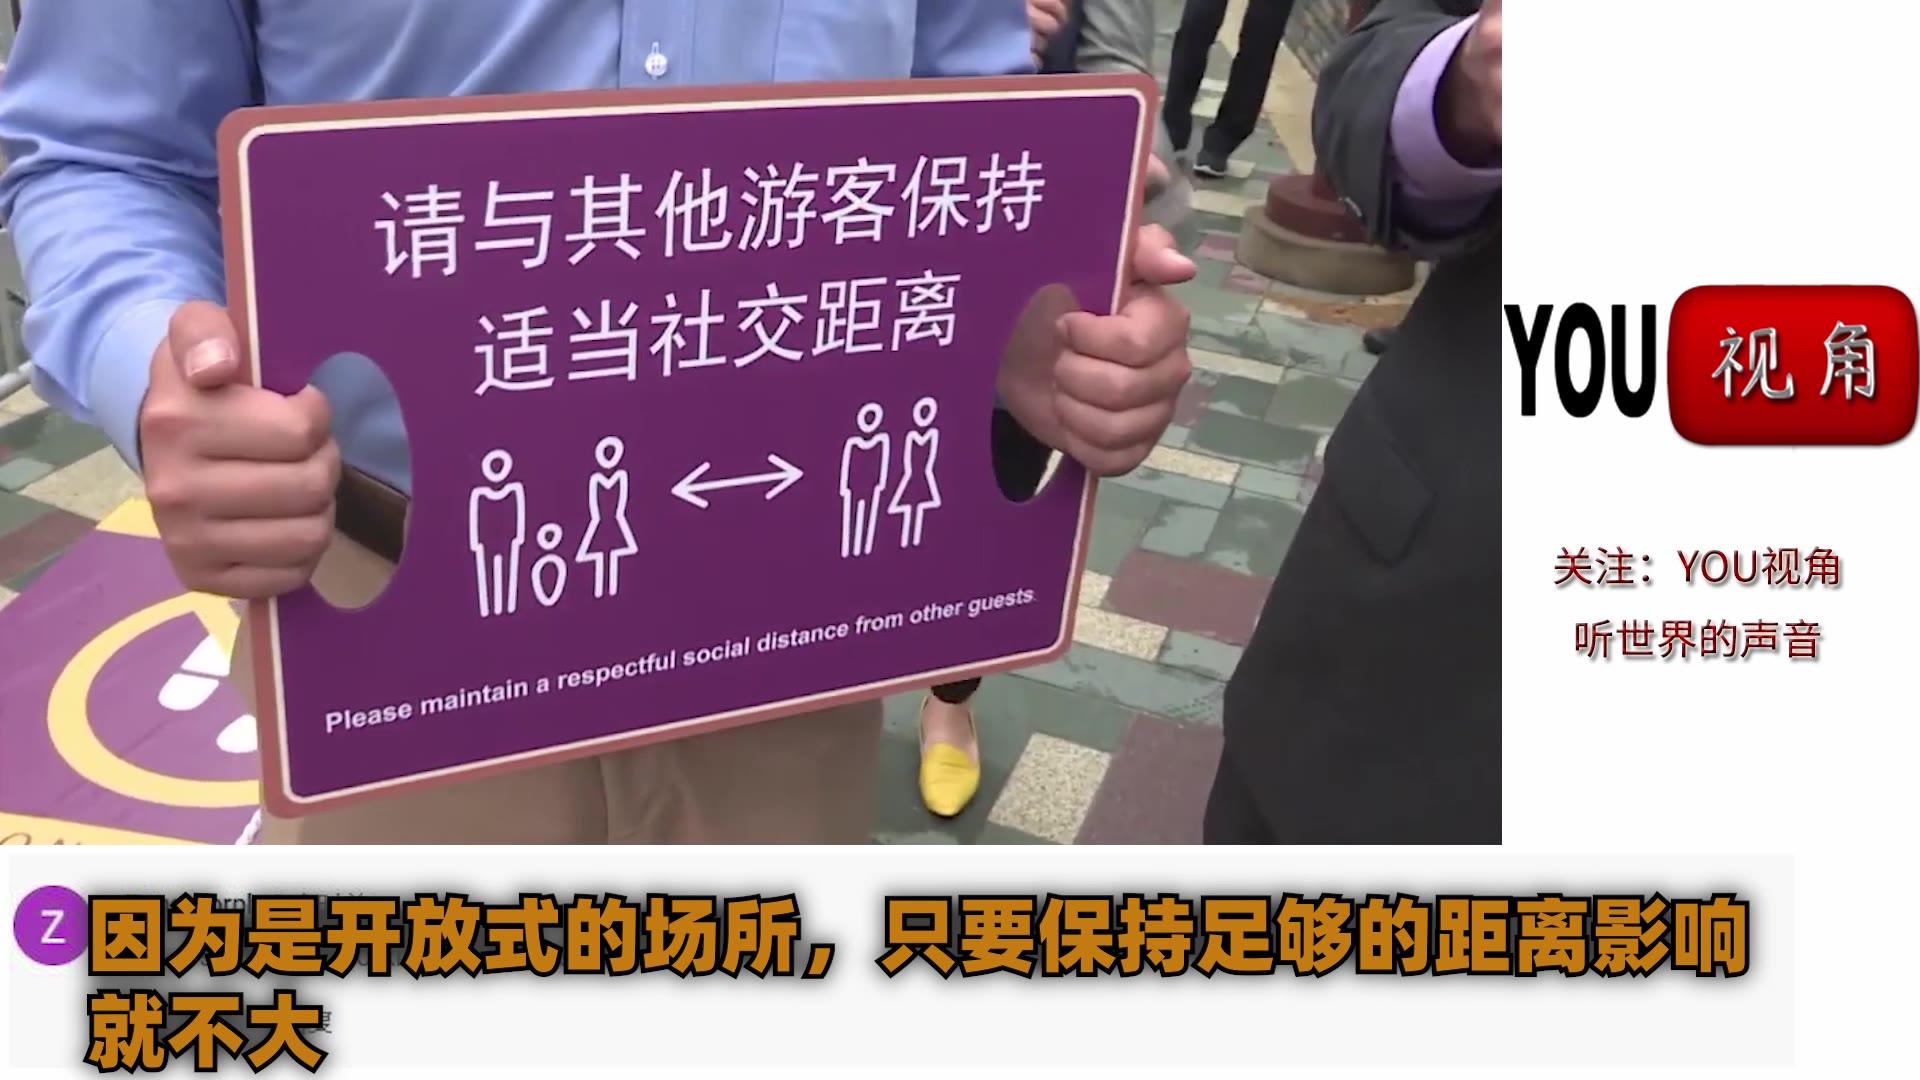 上海迪士尼开放 外国网友:其他地区的公园可以来学习经验了